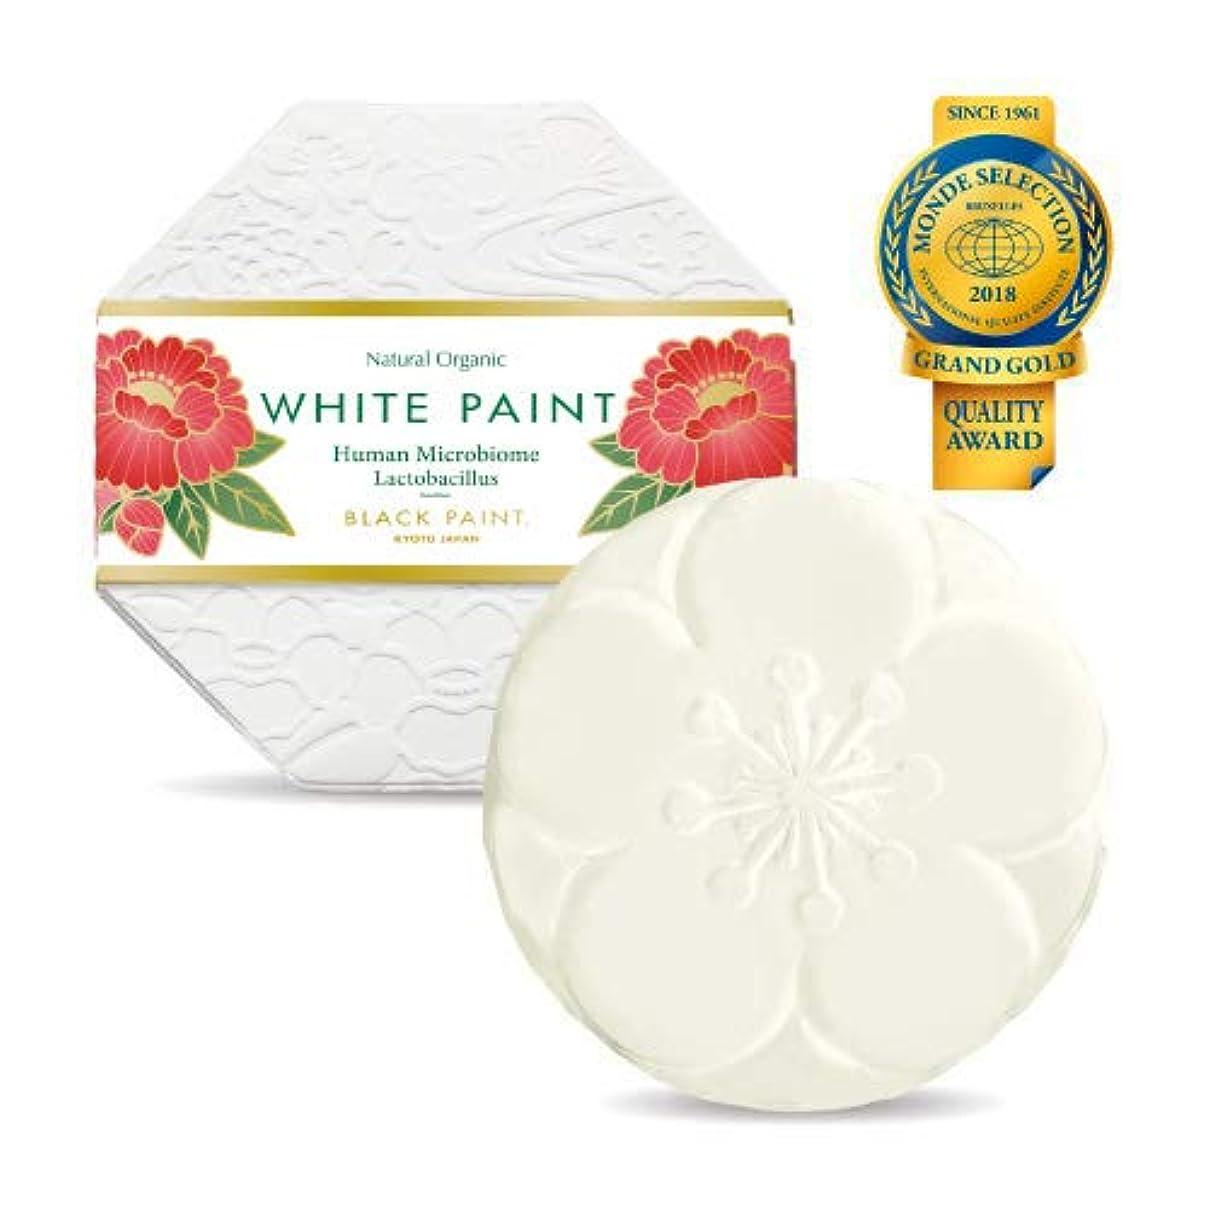 プレミアム ホワイトペイント 120g 塗る洗顔 石鹸 無添加 国産 …